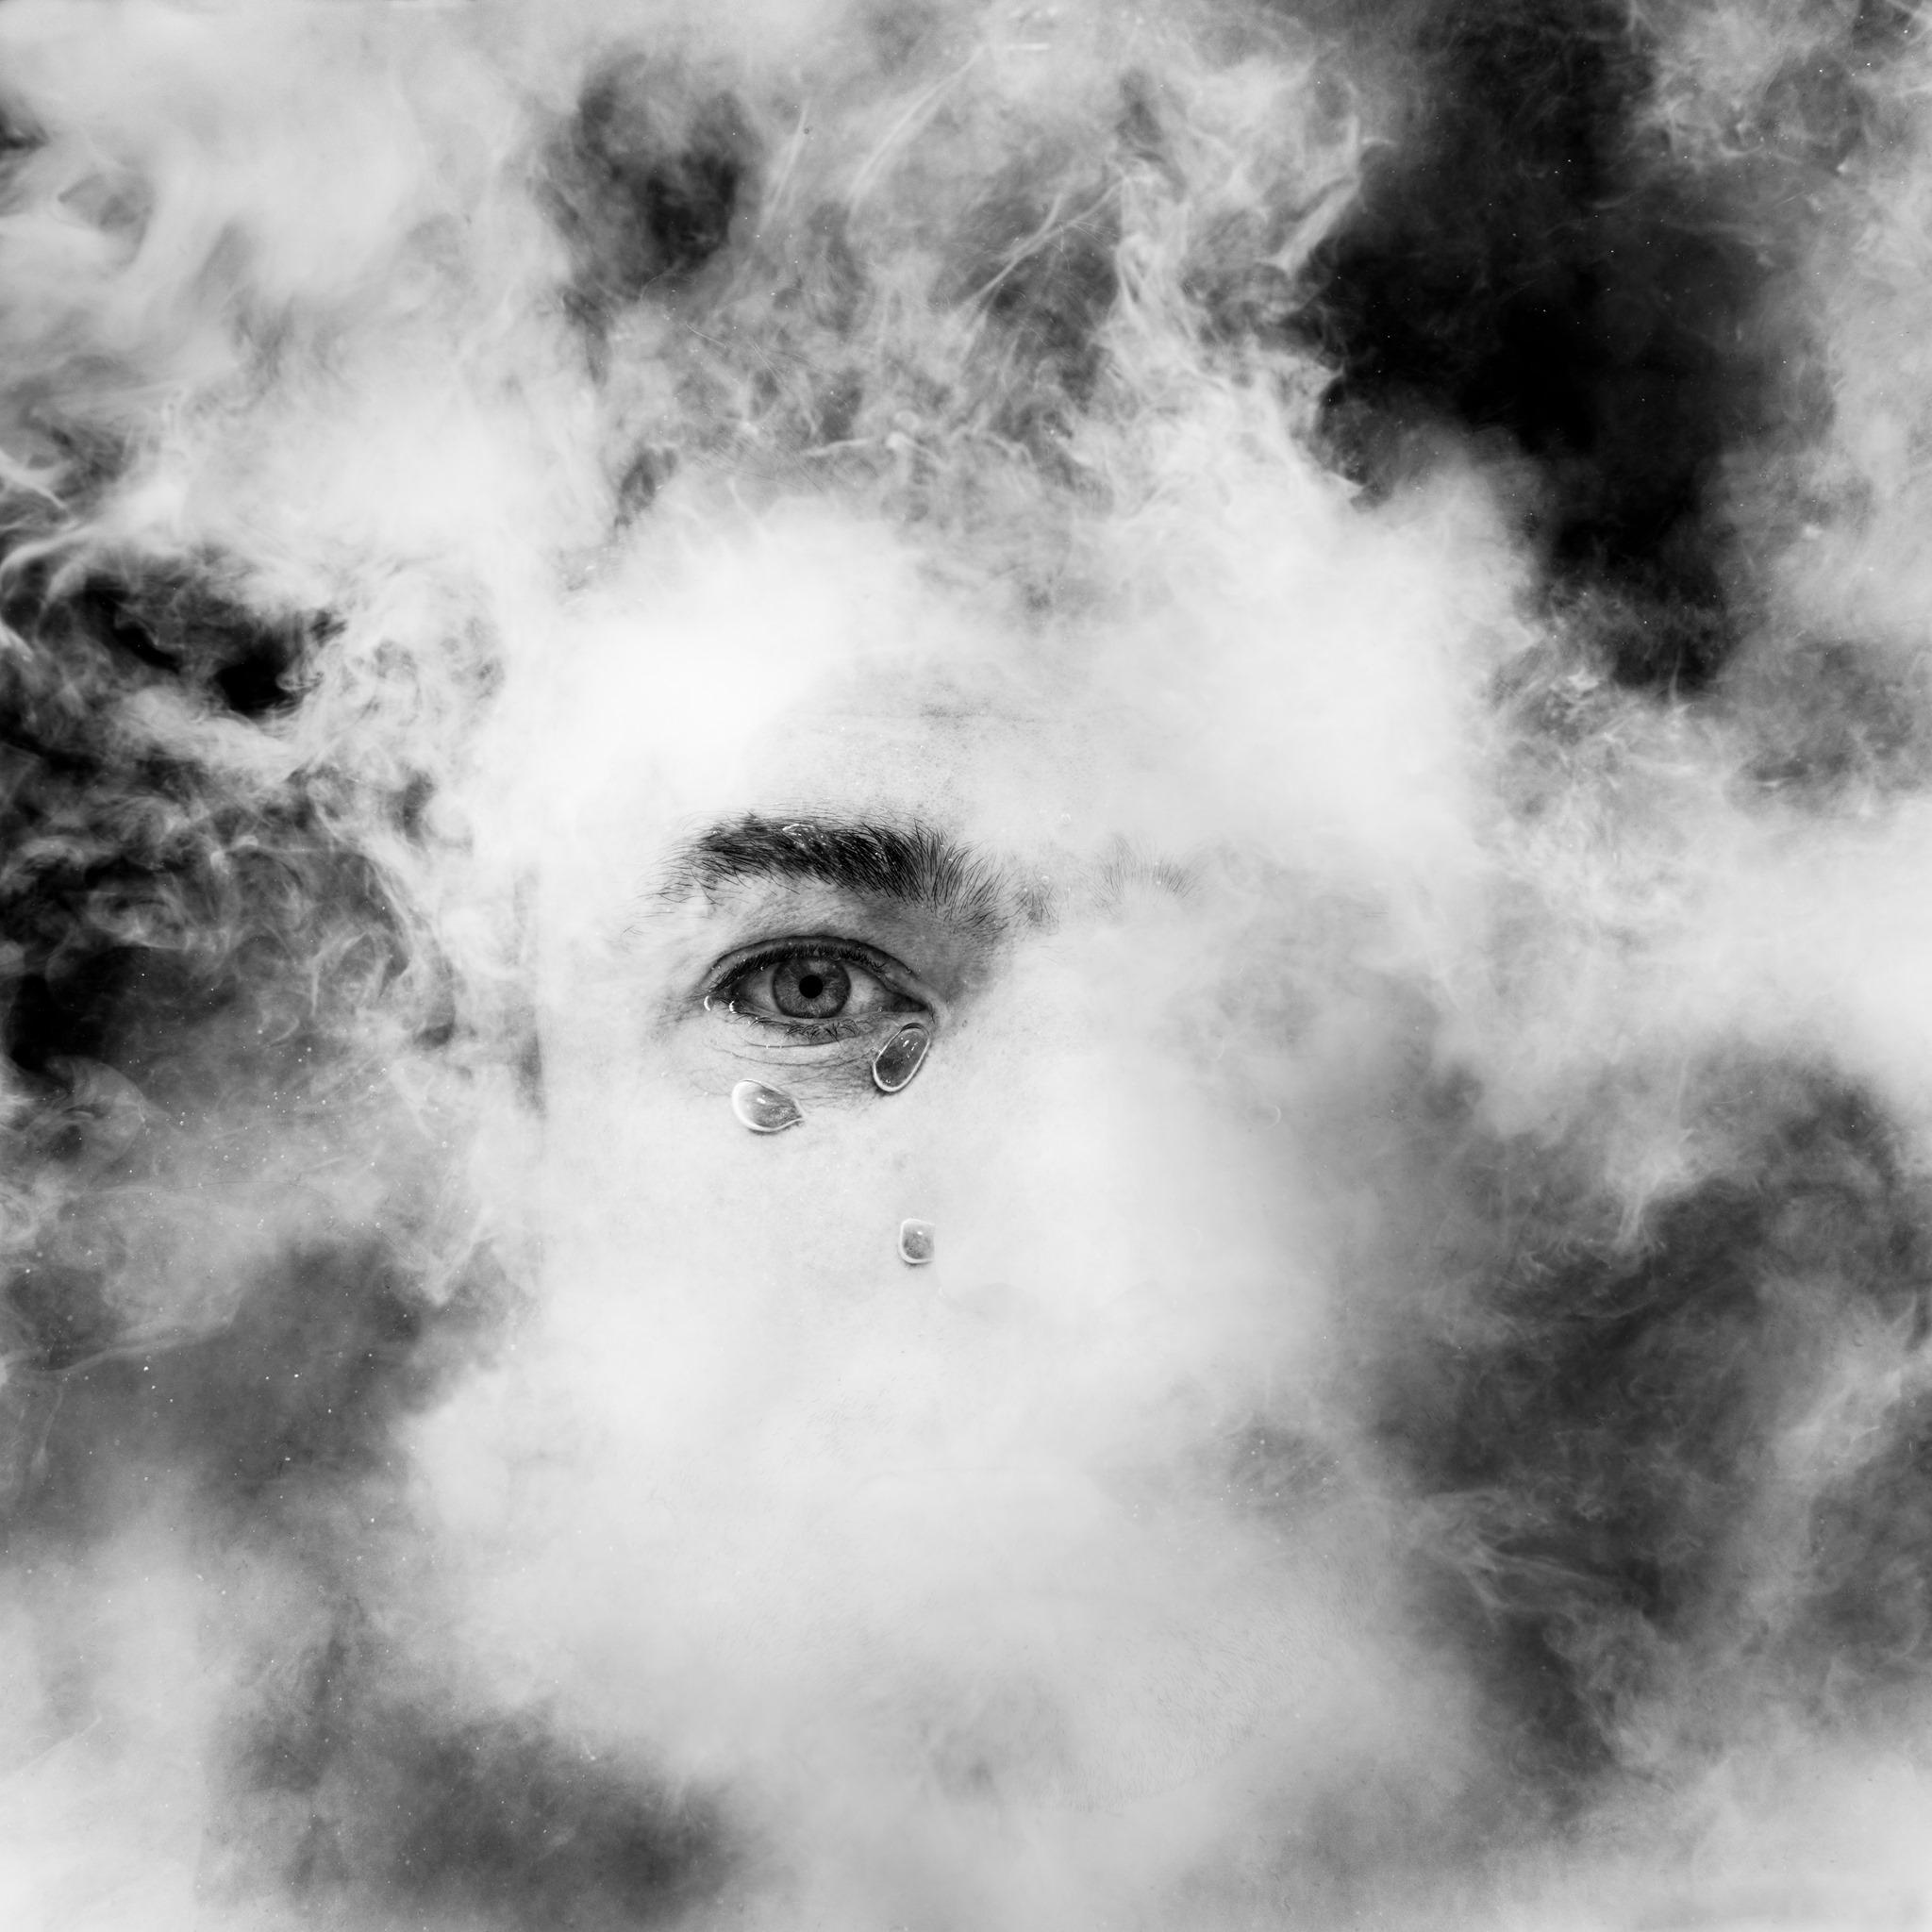 Drops in the air, Sébastien Barthel, Atelier Focale 16, exposition photo à l'incontournable